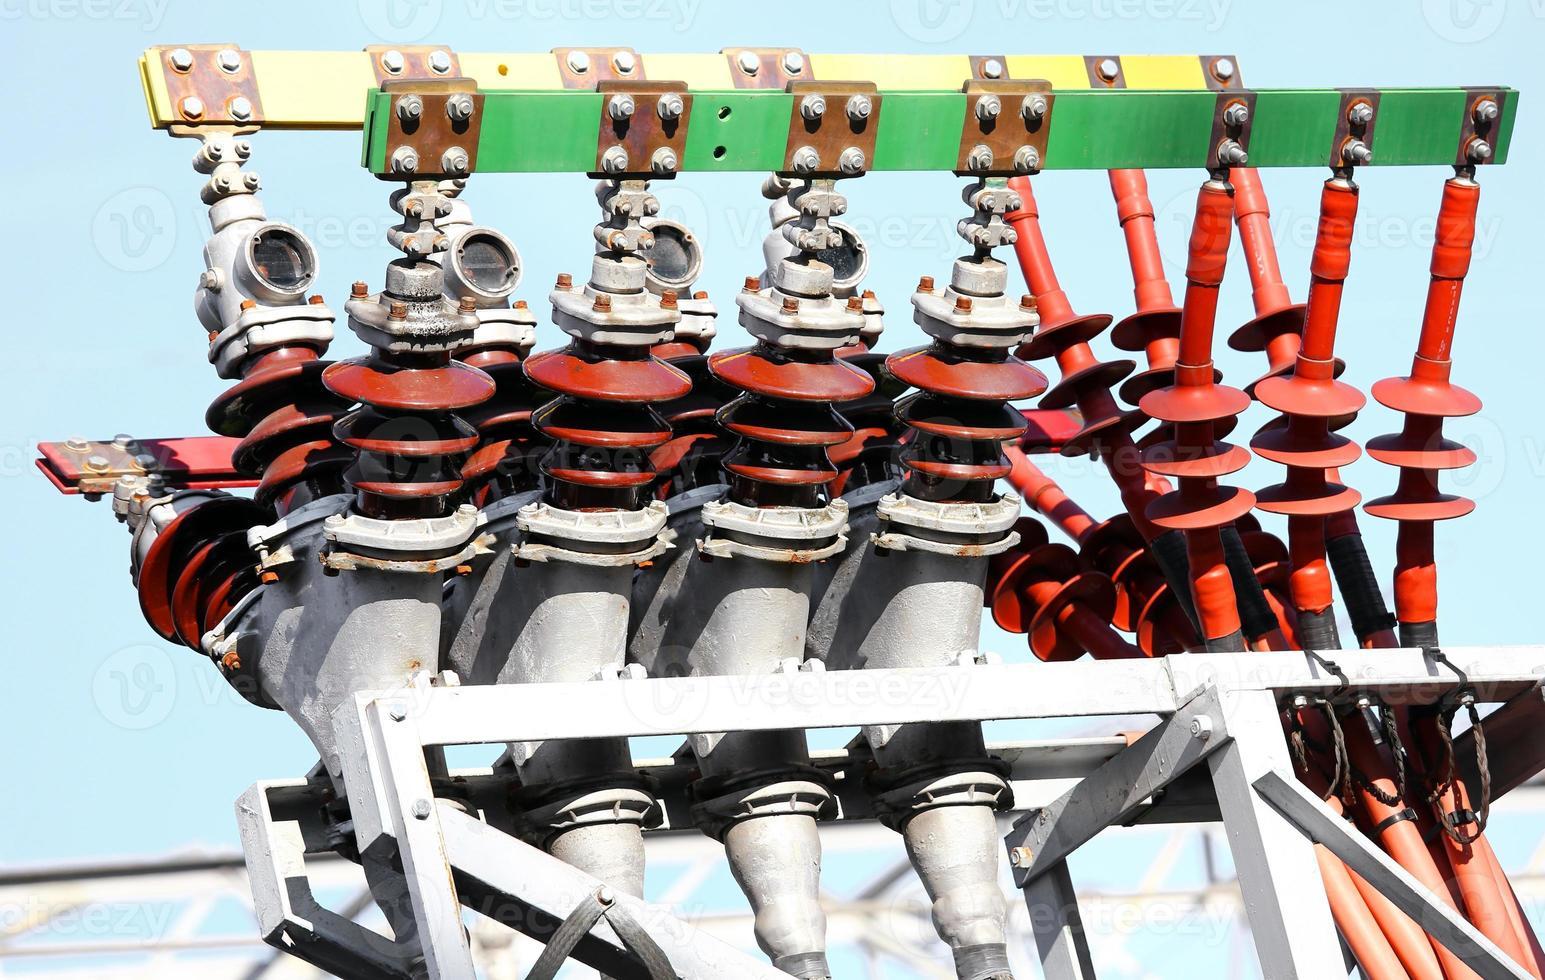 terminali elettrici in rame di una centrale elettrica foto